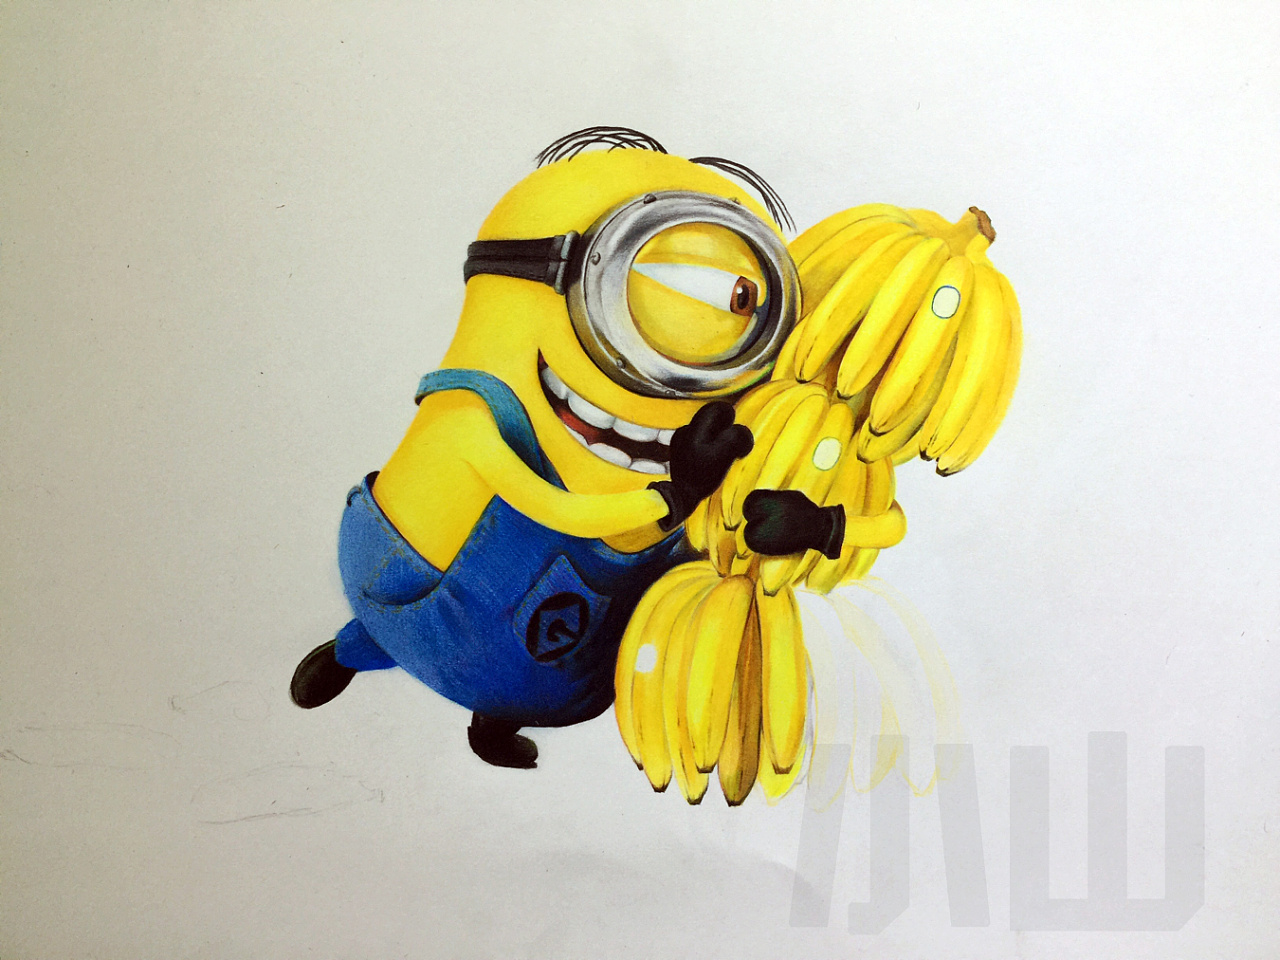 彩铅手绘小黄人